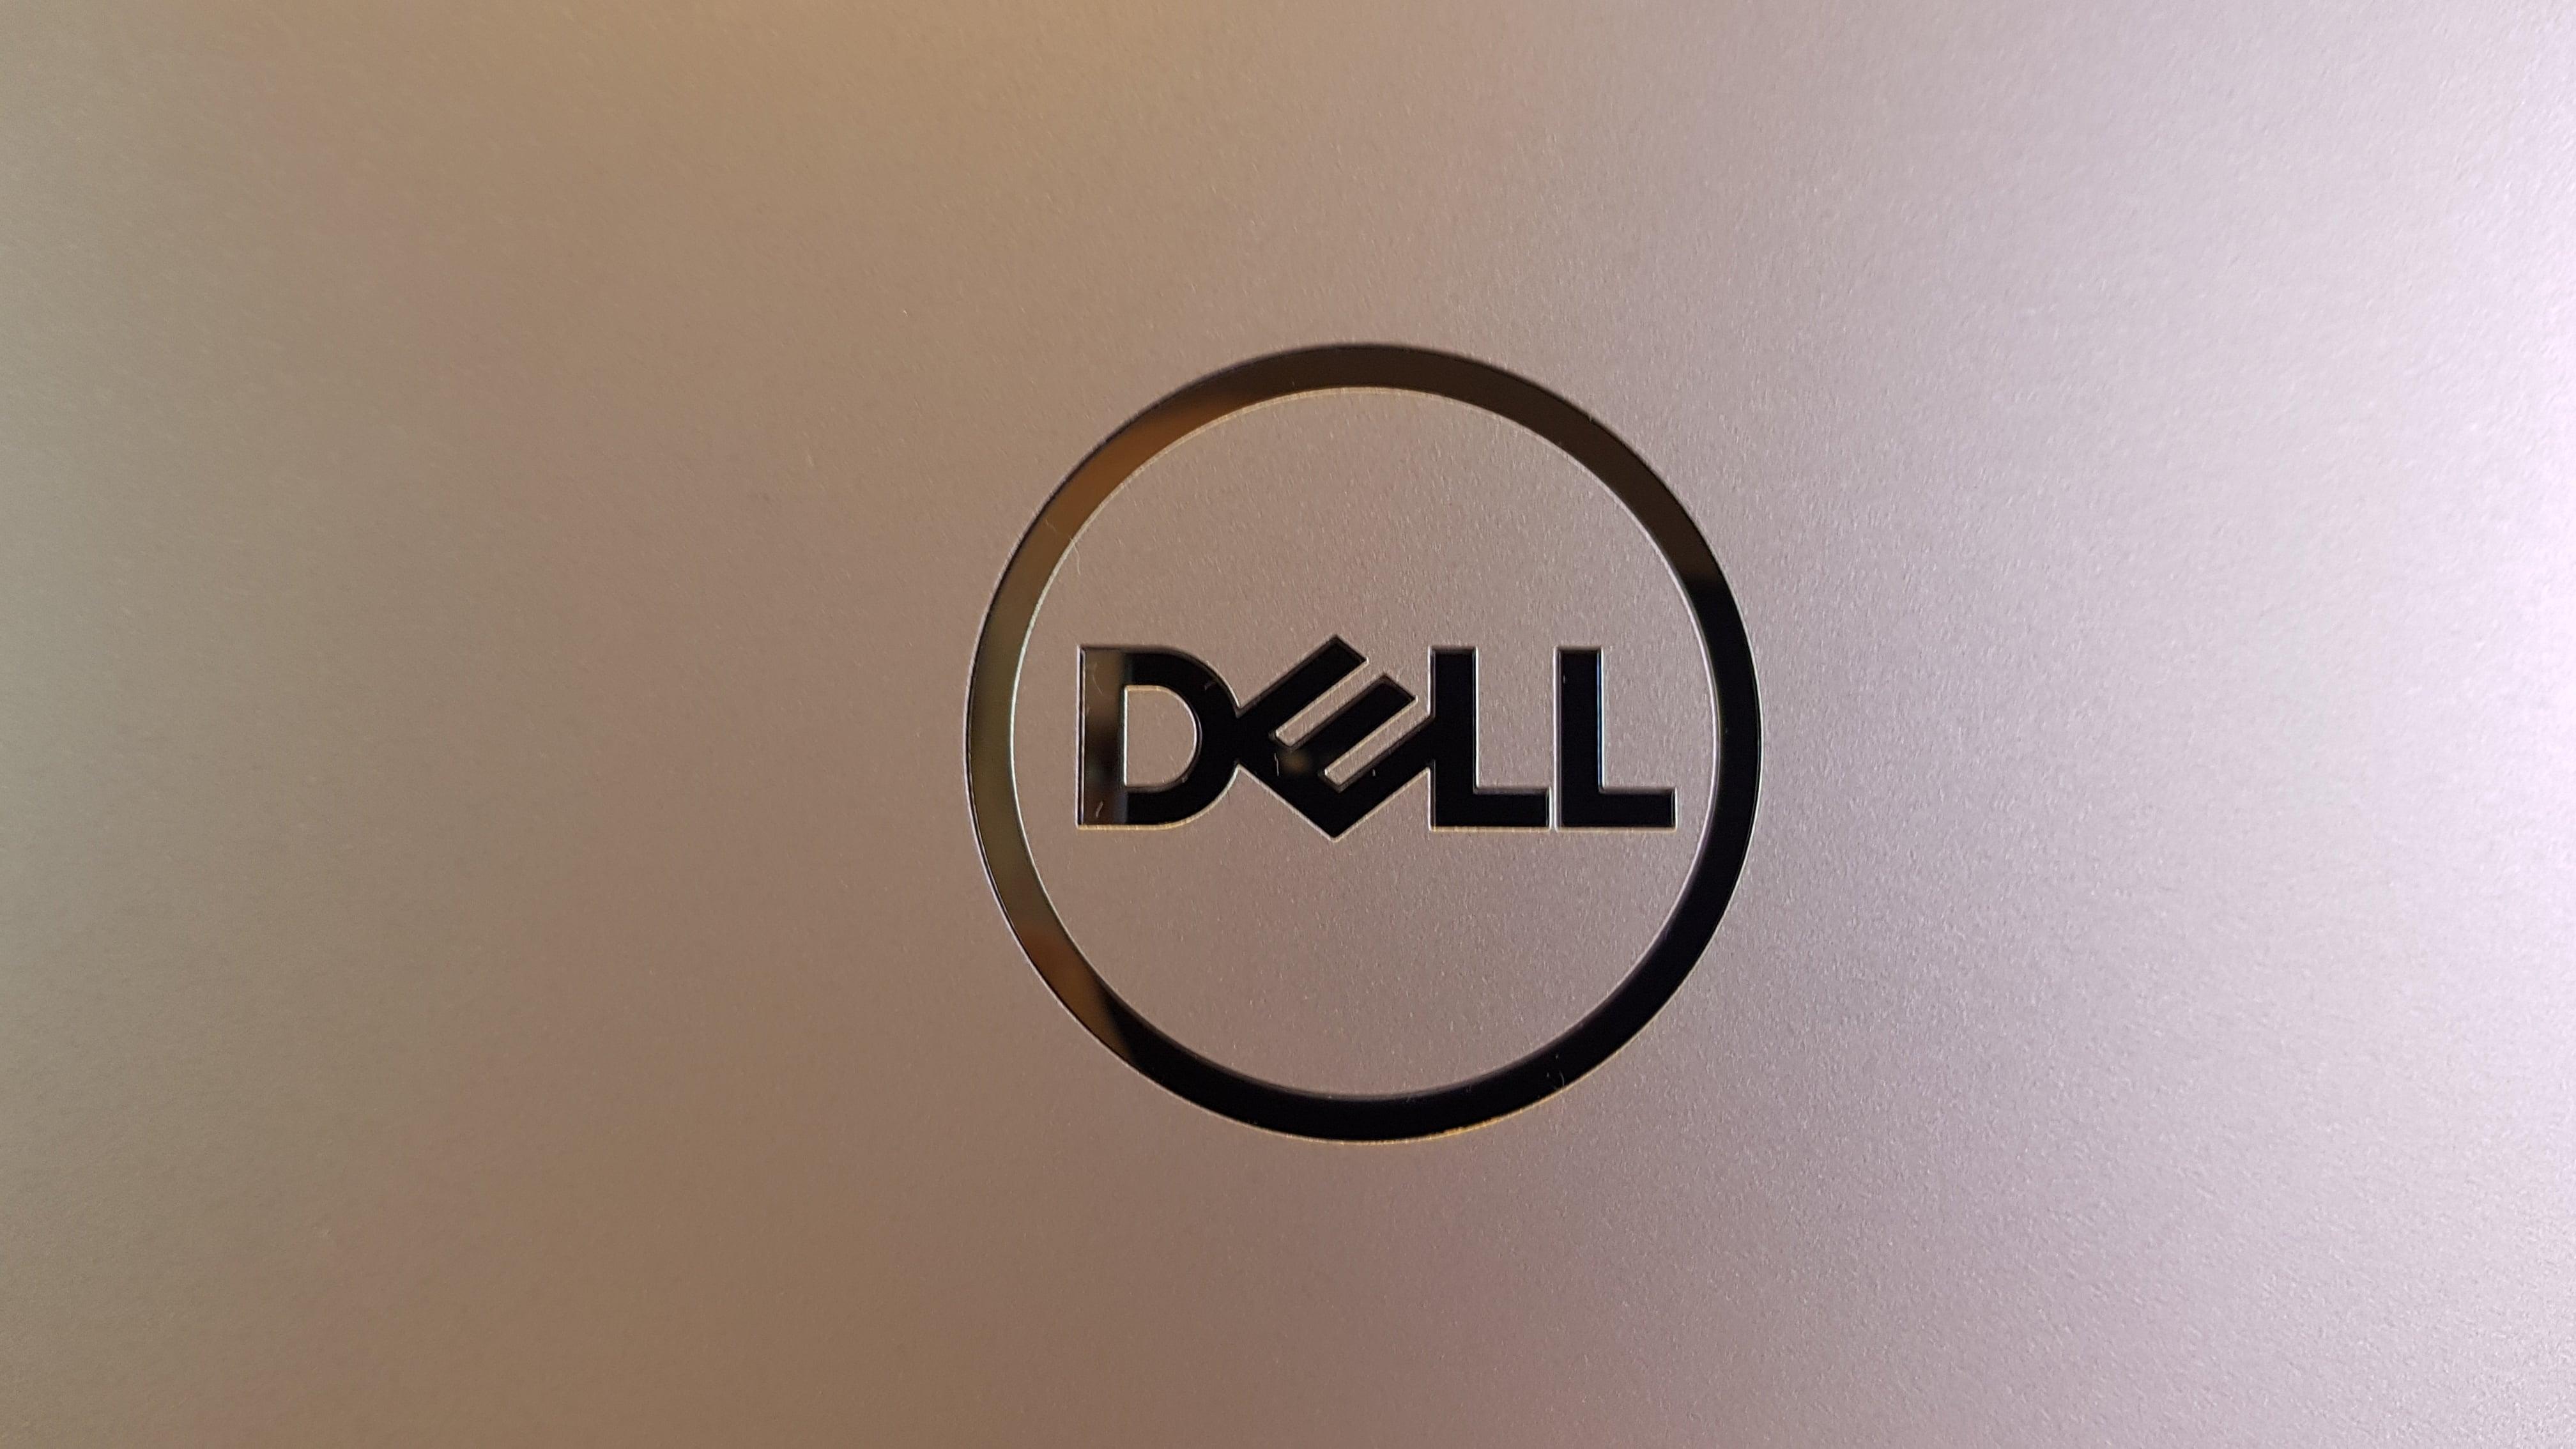 Komputery Dell mogą być podatne na atak. Winne oprogramowanie producenta 21